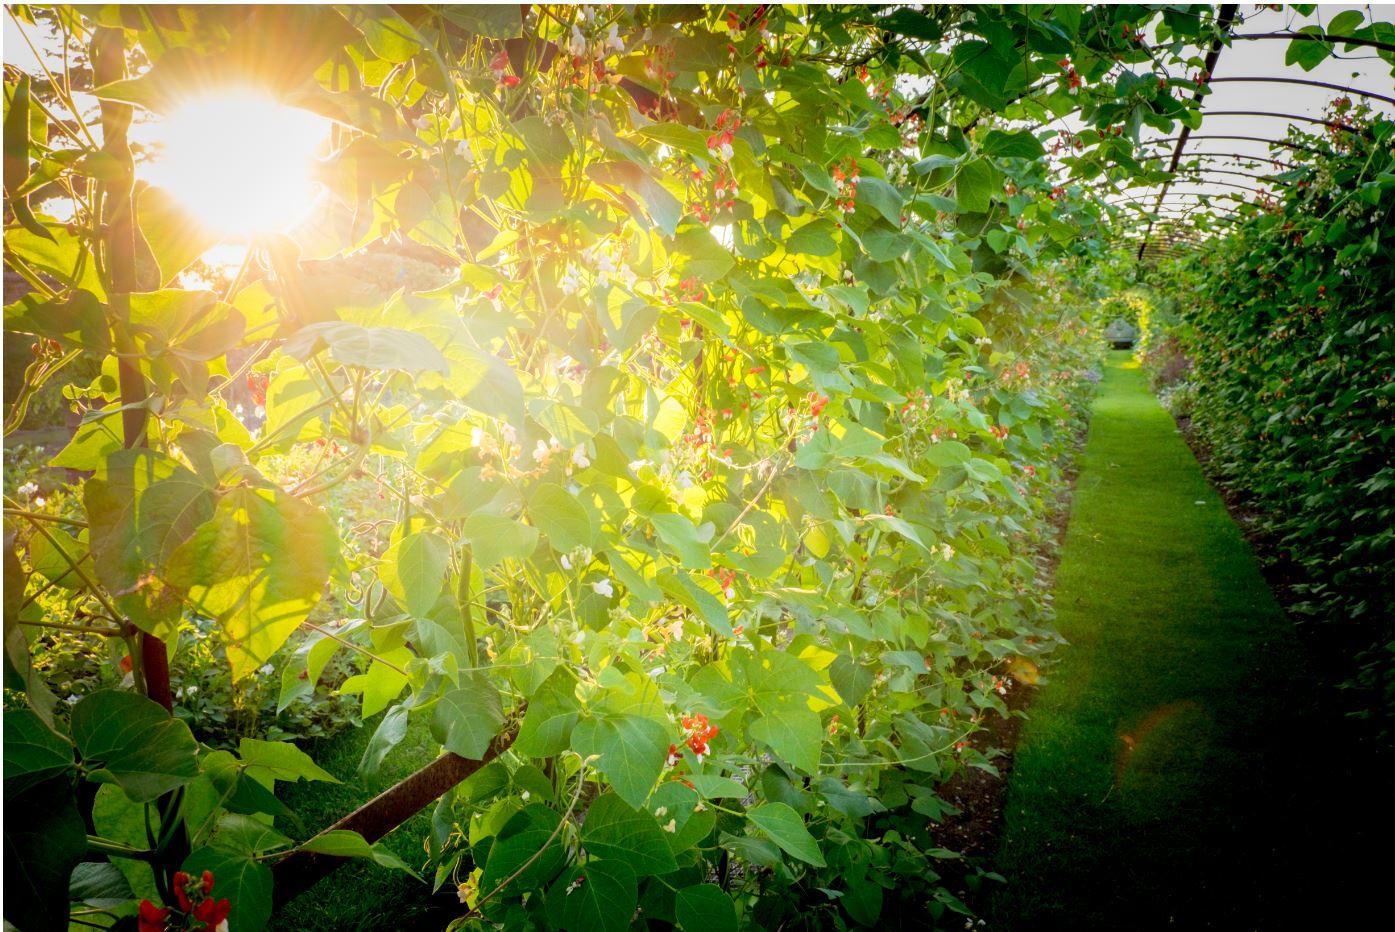 Midsummer Nights 17th June